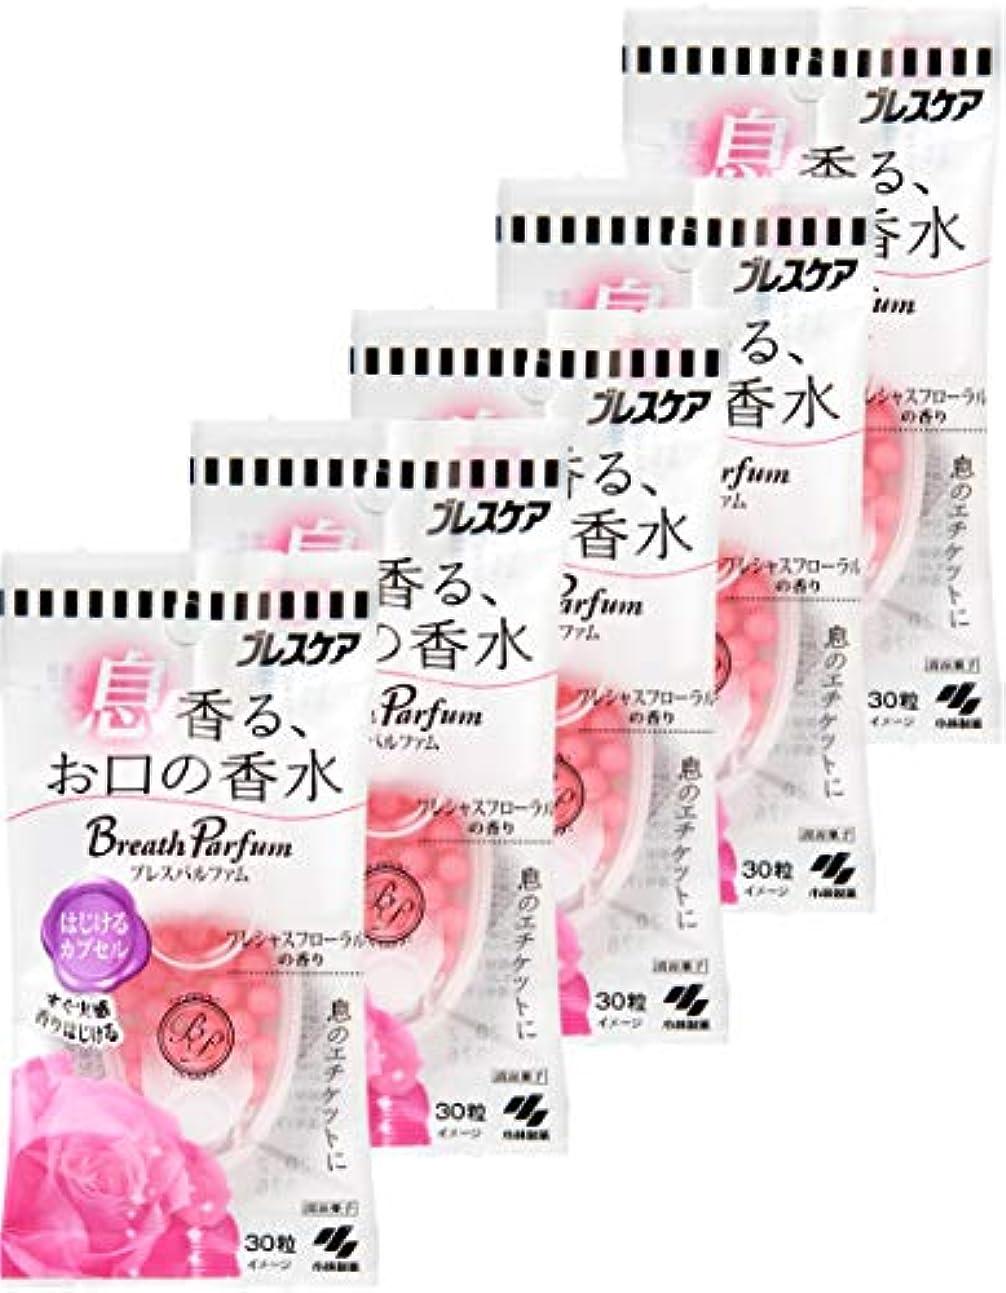 超高層ビル祝う廃止する【まとめ買い】小林製薬 ブレスケア ブレスパルファム はじけるカプセルプレシャスフローラルの香り 30粒×5個